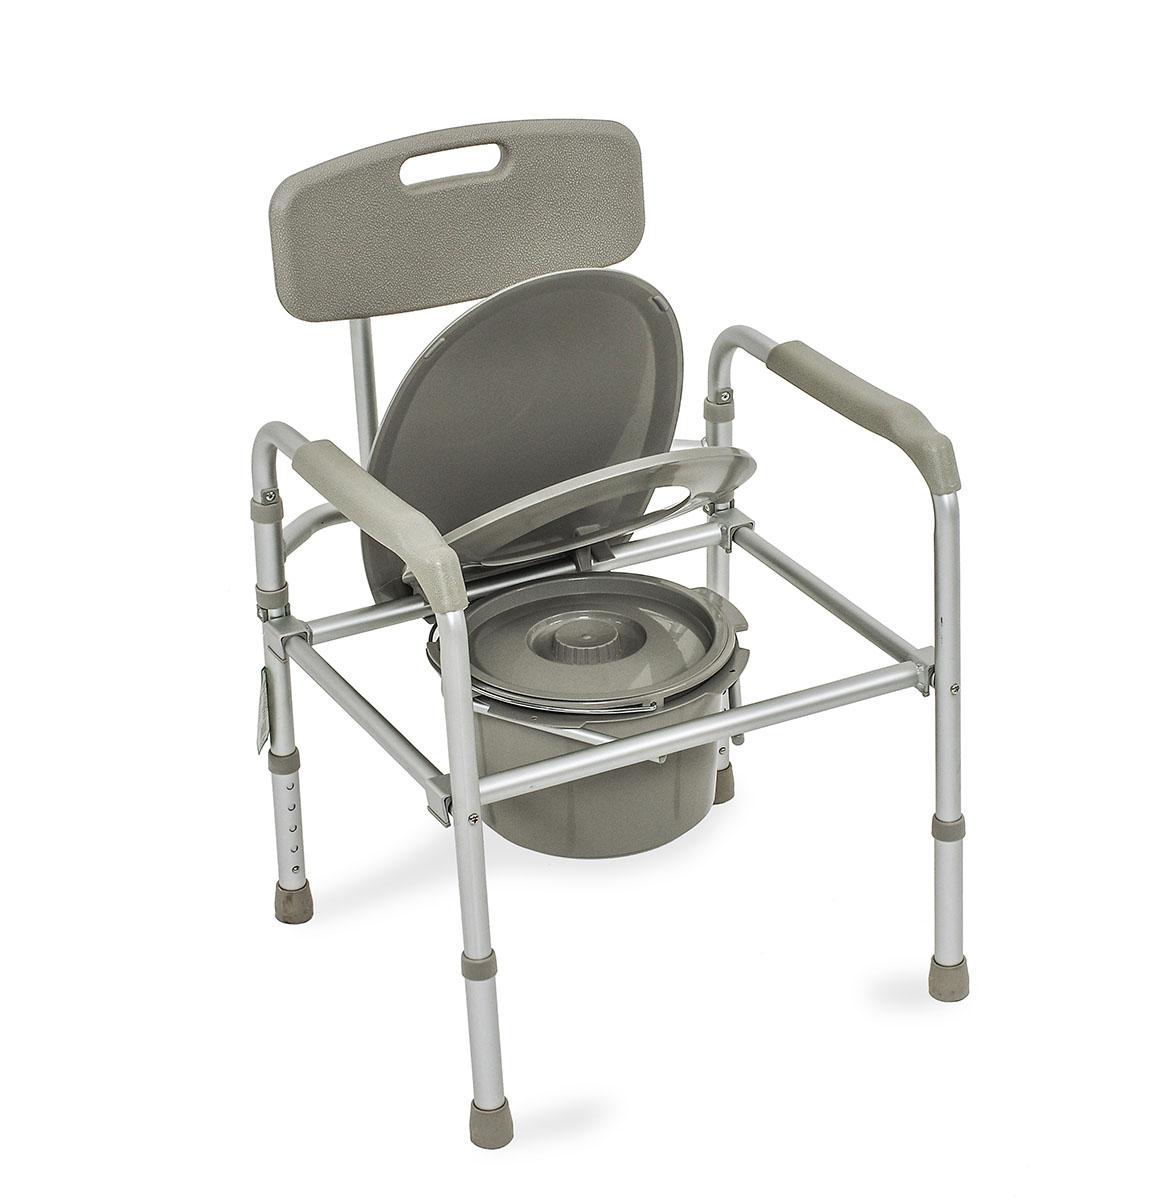 Amrus Кресло-туалет облегченное со спинкой, регулируемое по высоте AMCB680827112015Характеристики: Регулируемая высота сиденья, регулируемые ножки с противоскользящими резиновыми наконечниками;Шаг регулировки: 2,5 см.;Размеры (ШхГхВ) сиденья от пола 420х430х360-460 мм.;Максимальная статическая нагрузка 100 кг.; Срок службы не менее 5 лет; Срок действия гарантии – 12 месяцев с даты продажи; Масса не более 5,4 кг.Cкладная модель с каркасом из алюминия, с пластиковой спинкой.